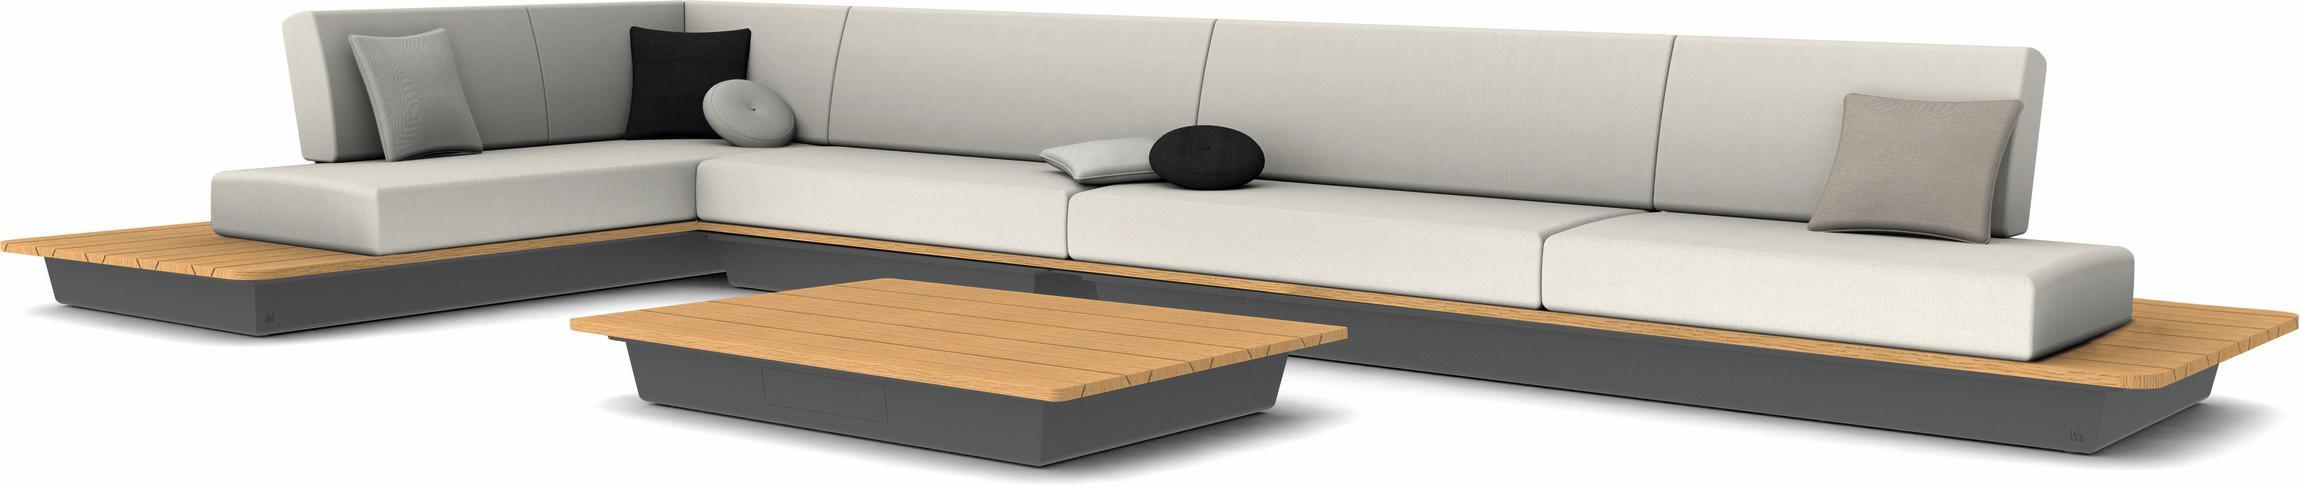 Air concepto 2 - lava - tablero de madera iroko